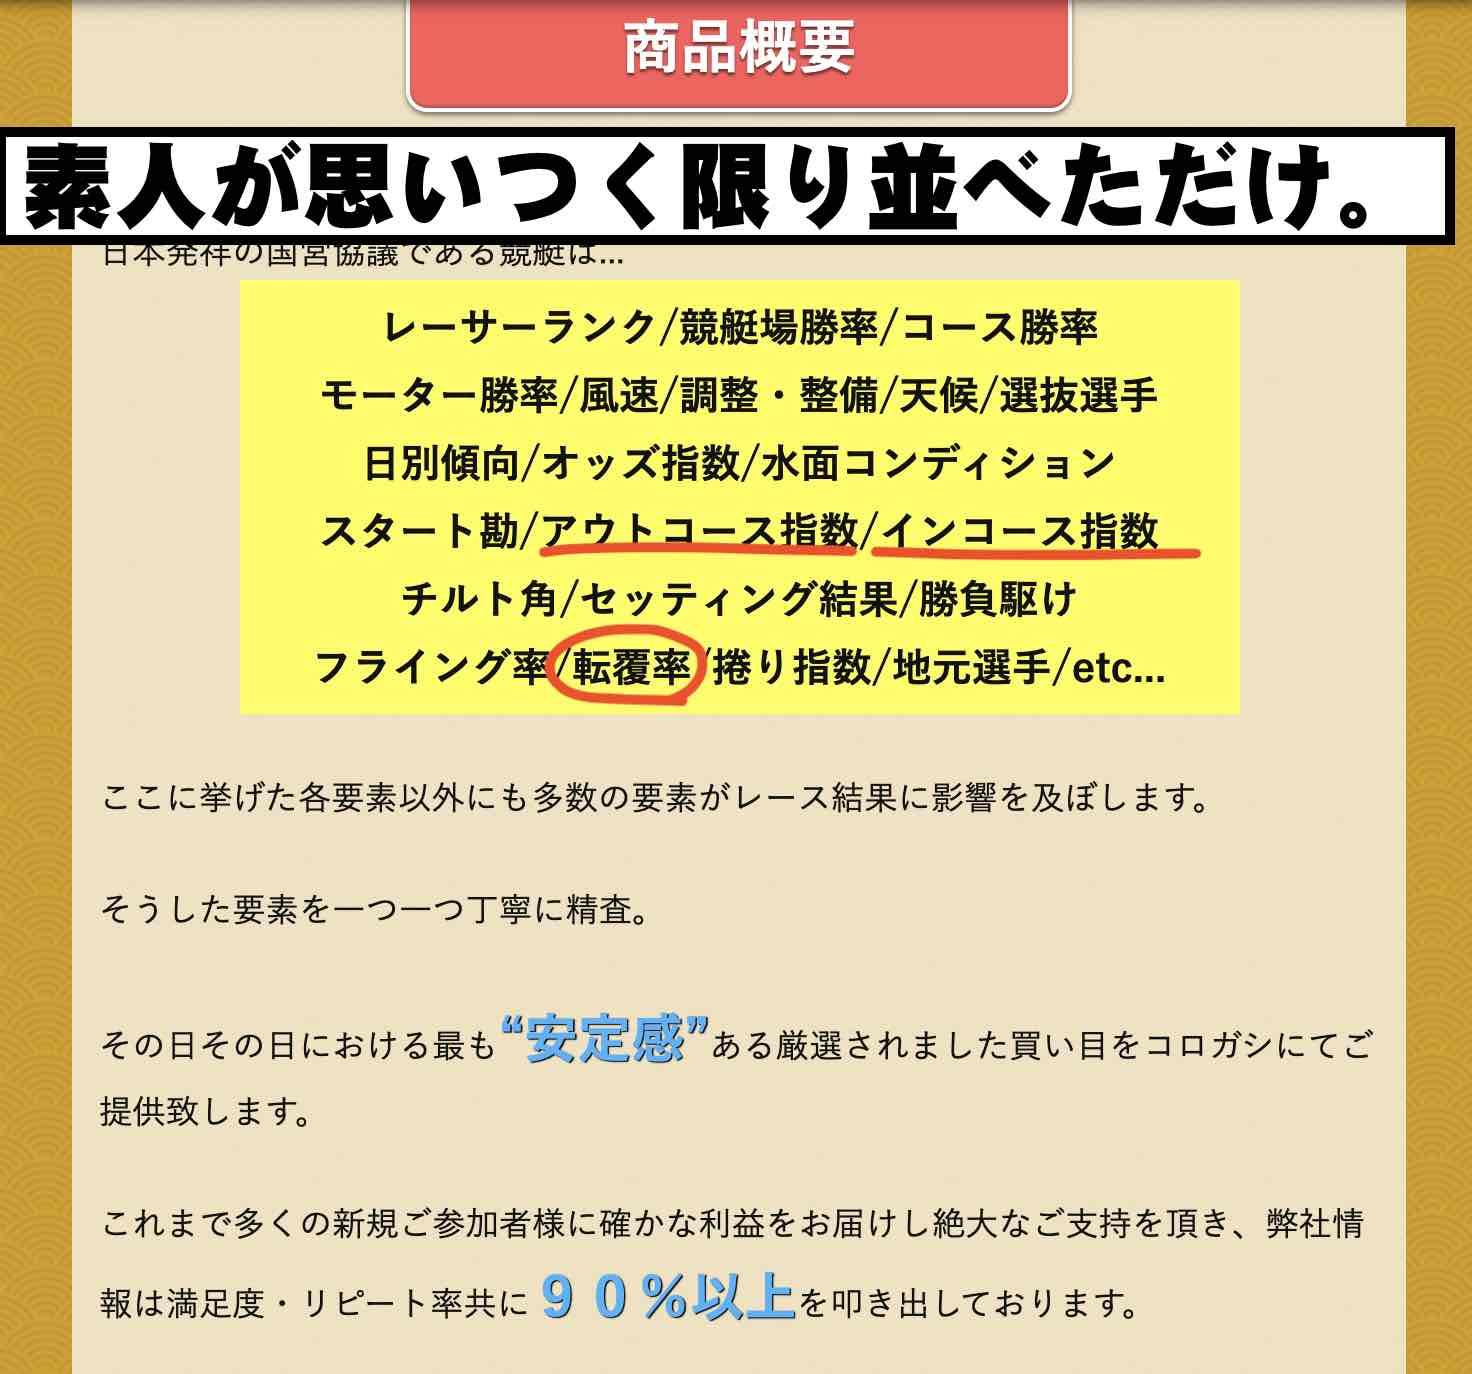 万舟JAPAN(万舟ジャパン)という競艇予想サイト(ボートレース予想サイト)の「初心者限定プラン」へのツッコミ